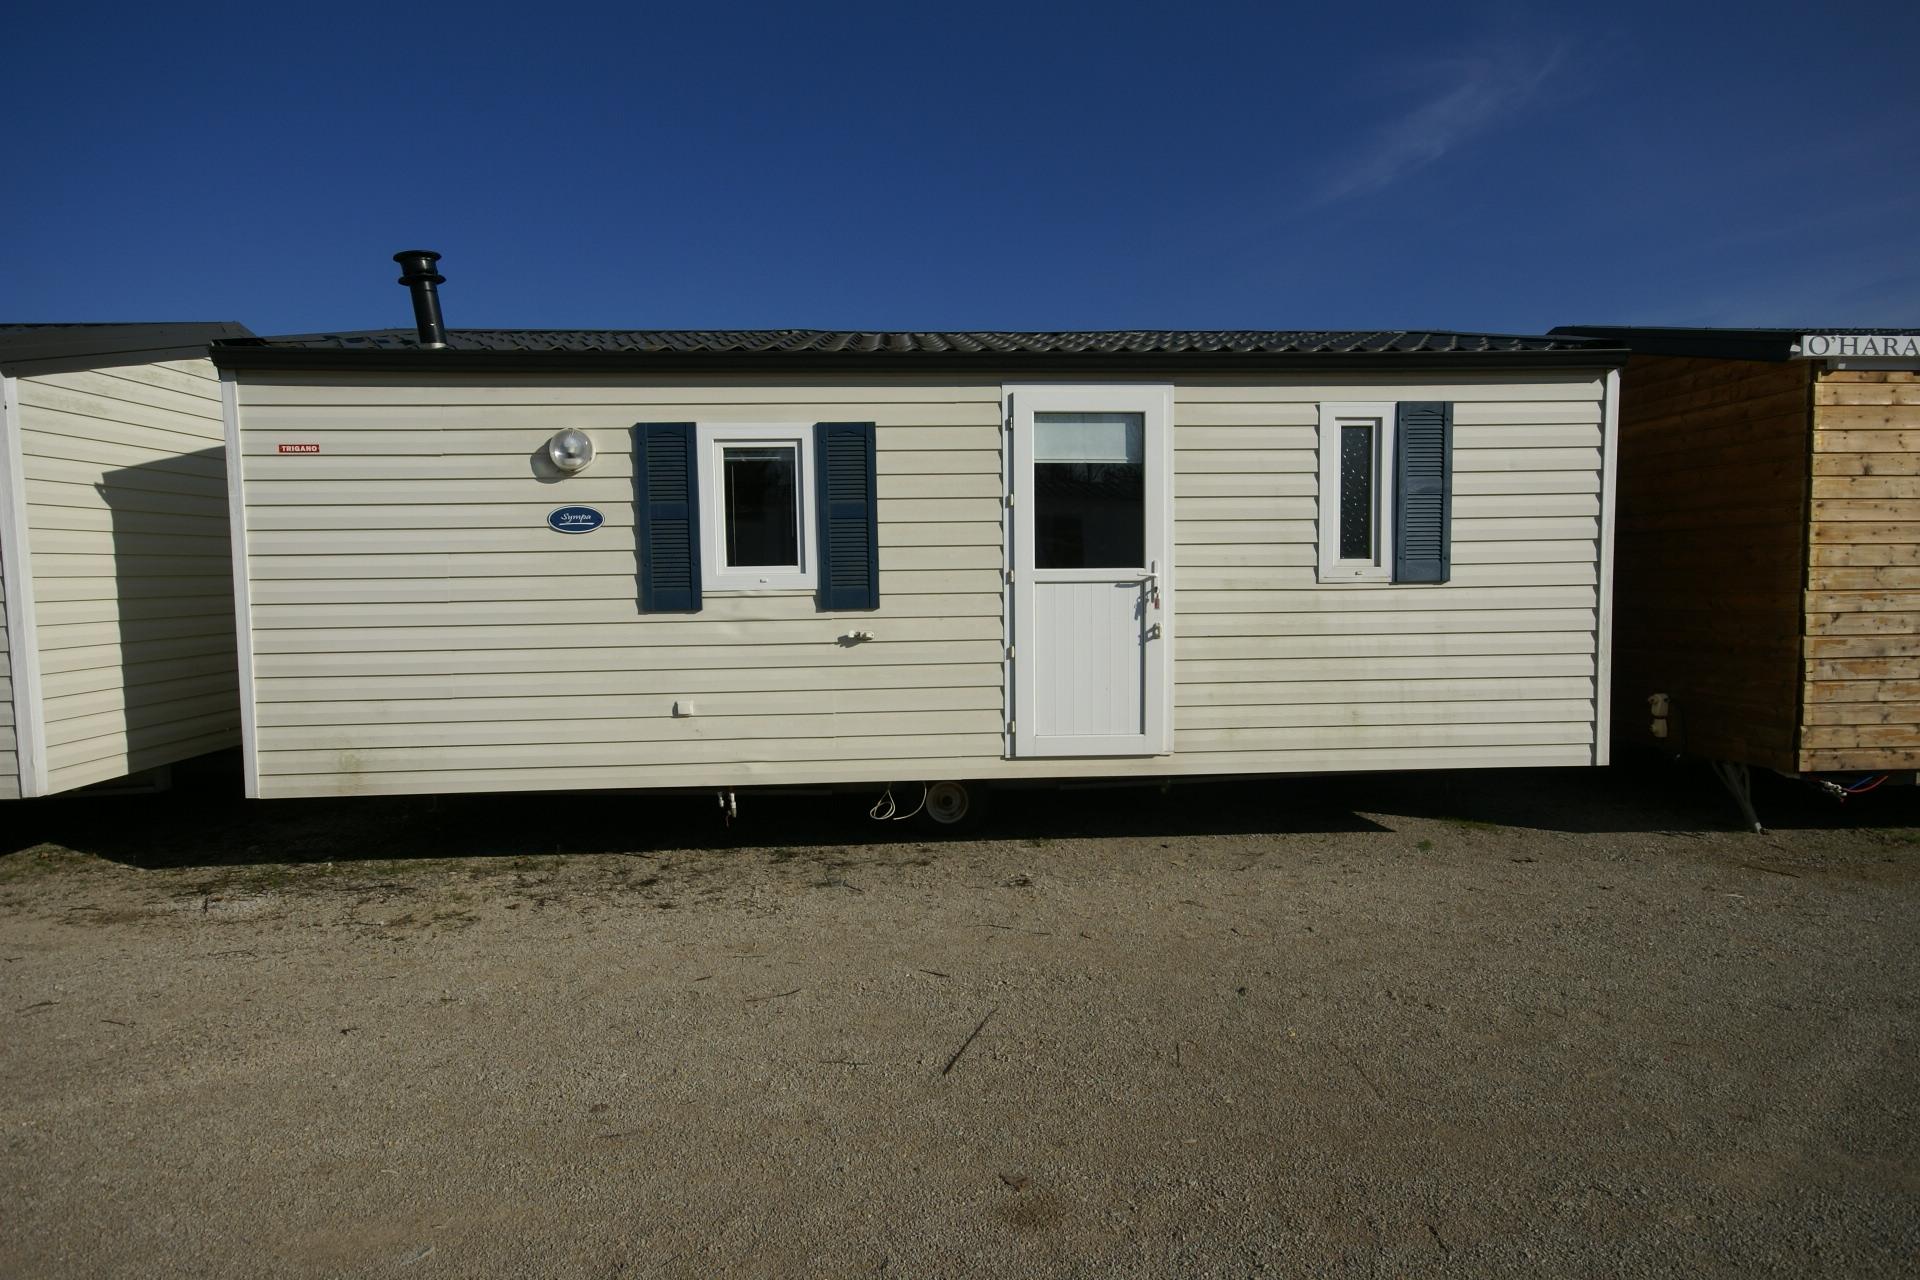 Prezzi case mobili in legno case in legno with prezzi - Case mobili in legno prezzi ...